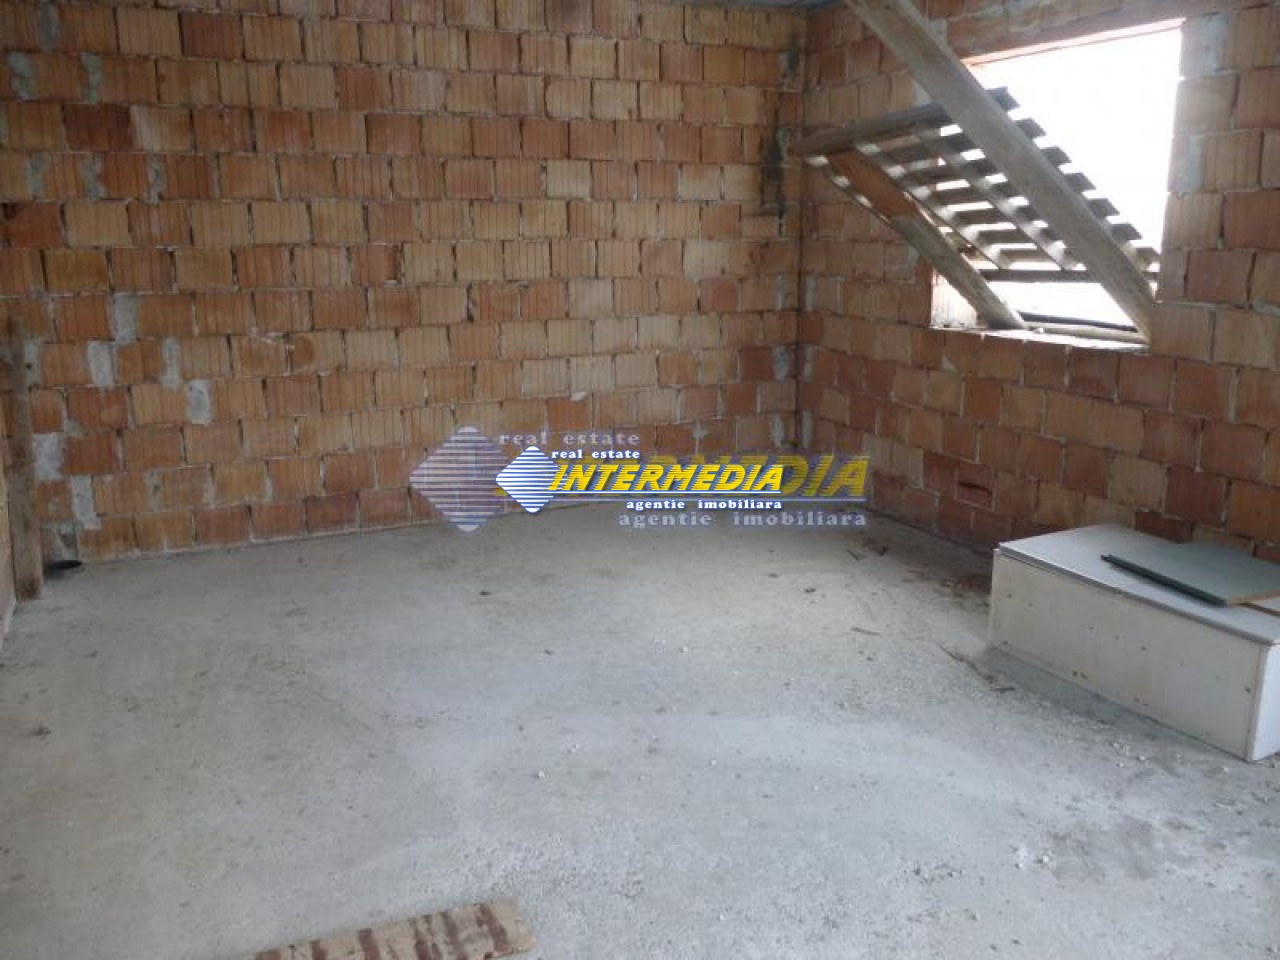 Casa de vanzare Alba Iulia in rosu 40000 Euro-17777-1